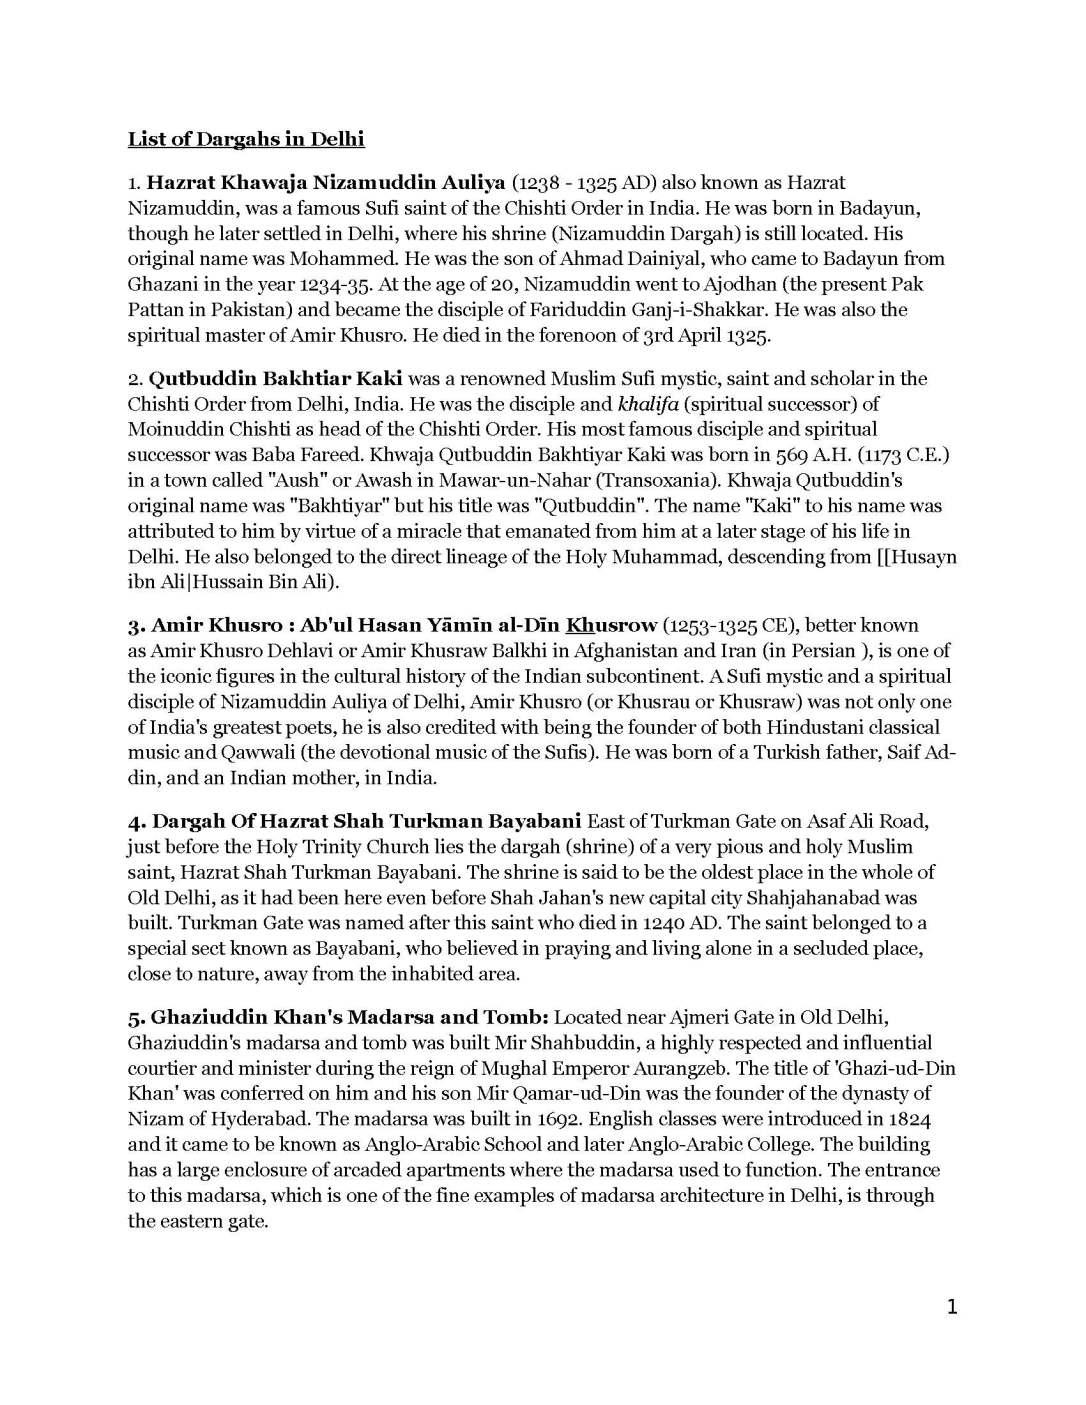 306889533-List-of-Dargahs-in-Delhi_Page_1